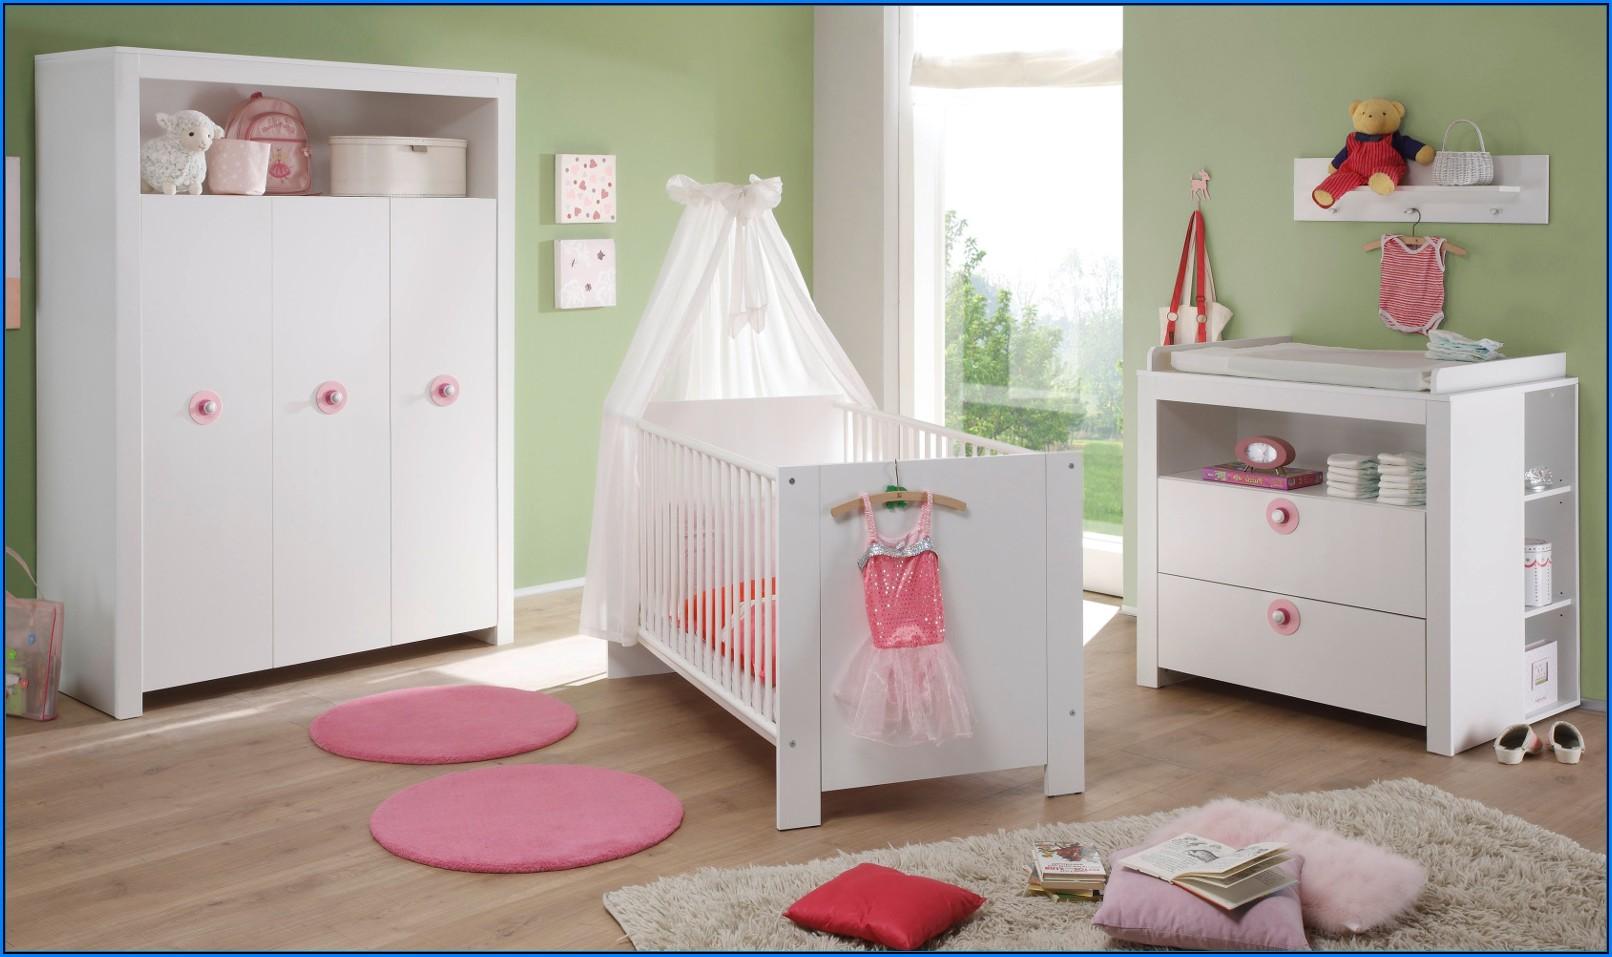 Babyzimmer Komplett Für 300 Euro